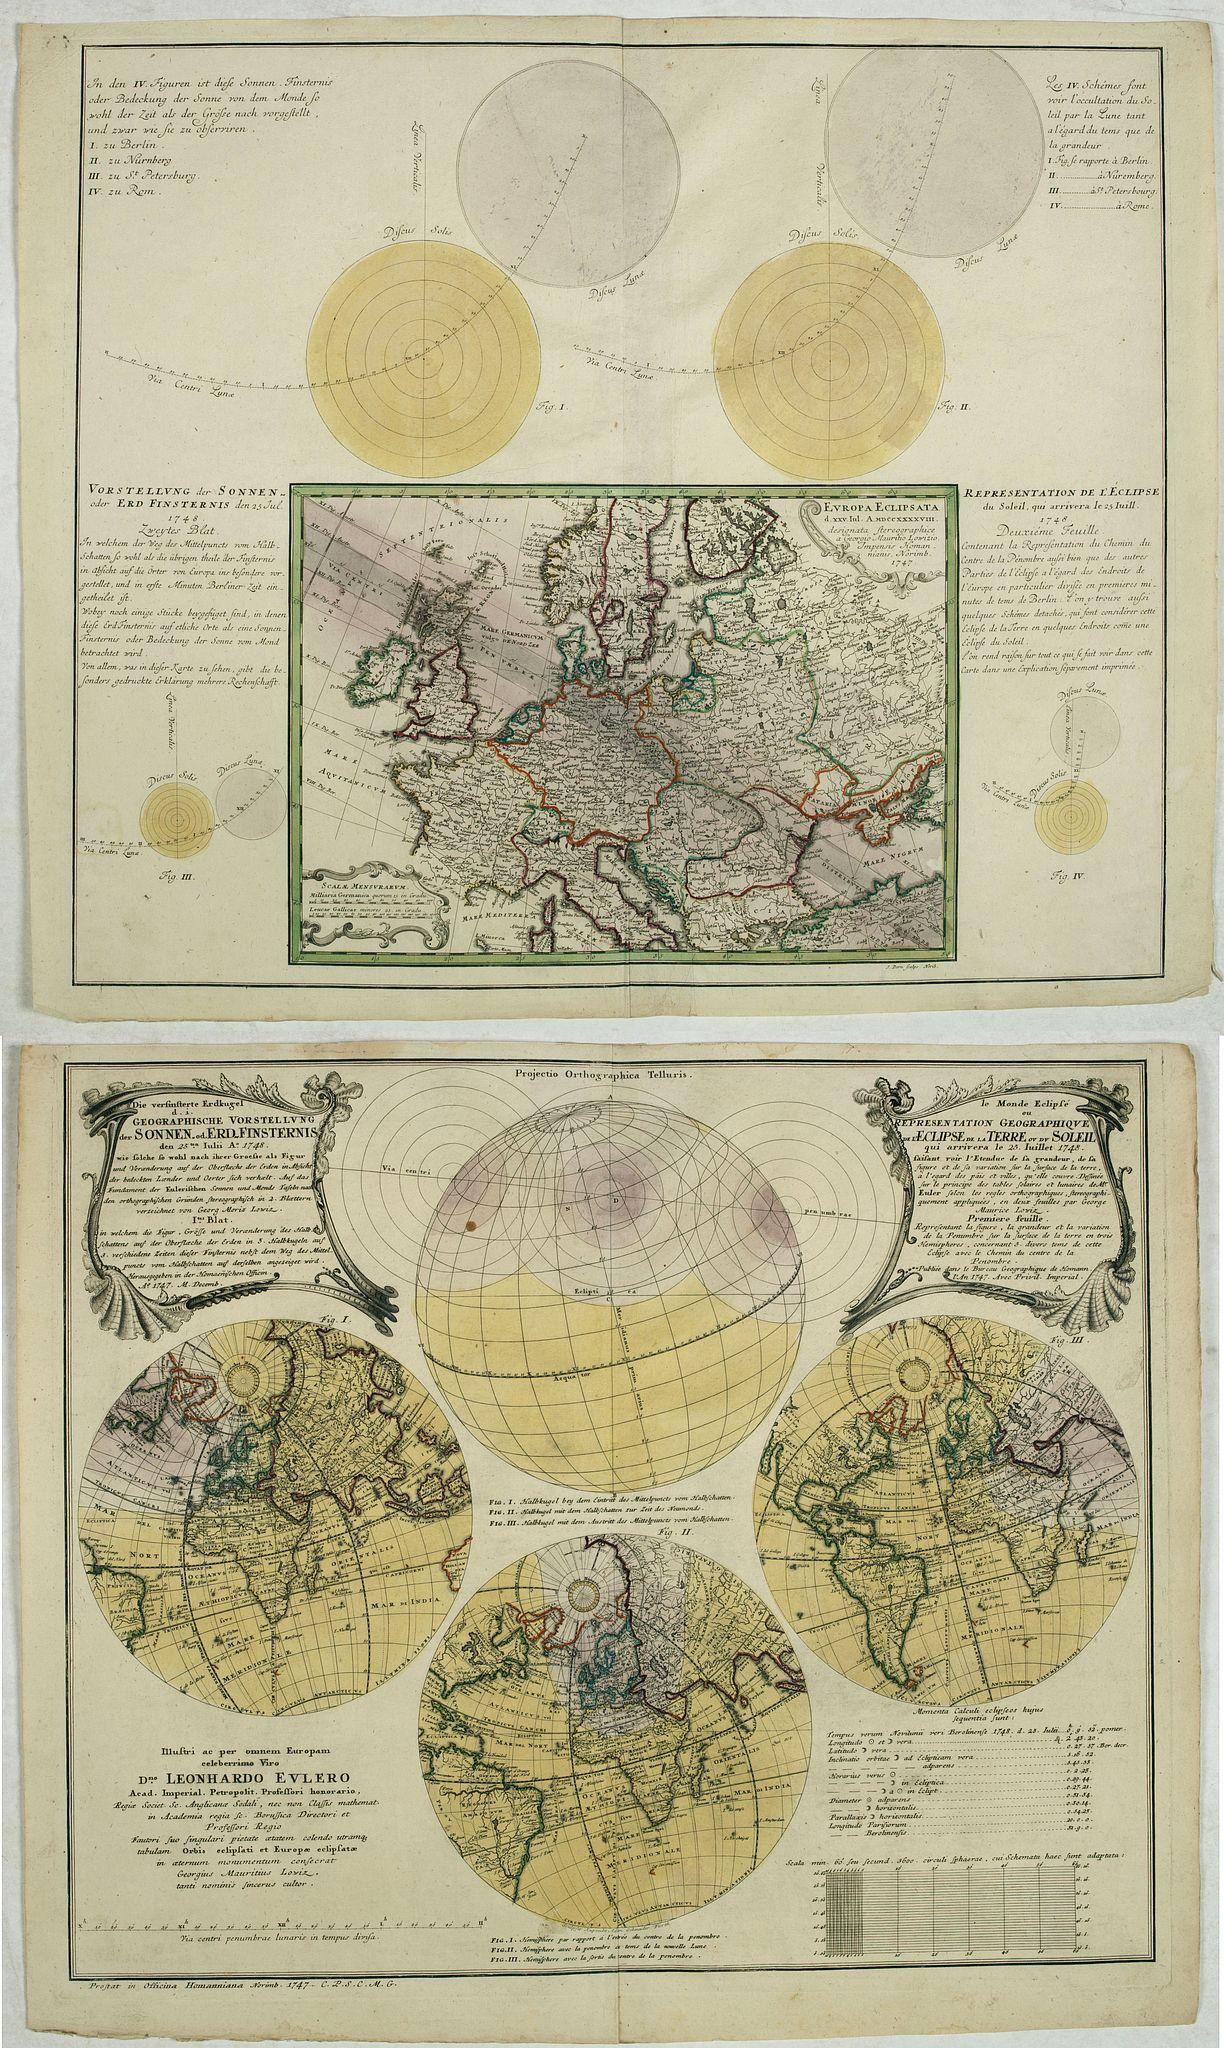 DOPPELMAYR, J. G. / HOMANN, J.B. - [Lot of 2] Die Versinsterte Erdkugel Geographische Vorstellung der Sonnen od Erd Finsternis... / Le Monde Eclipse ou Representation Geographique... [and] Europa Eclipsata...